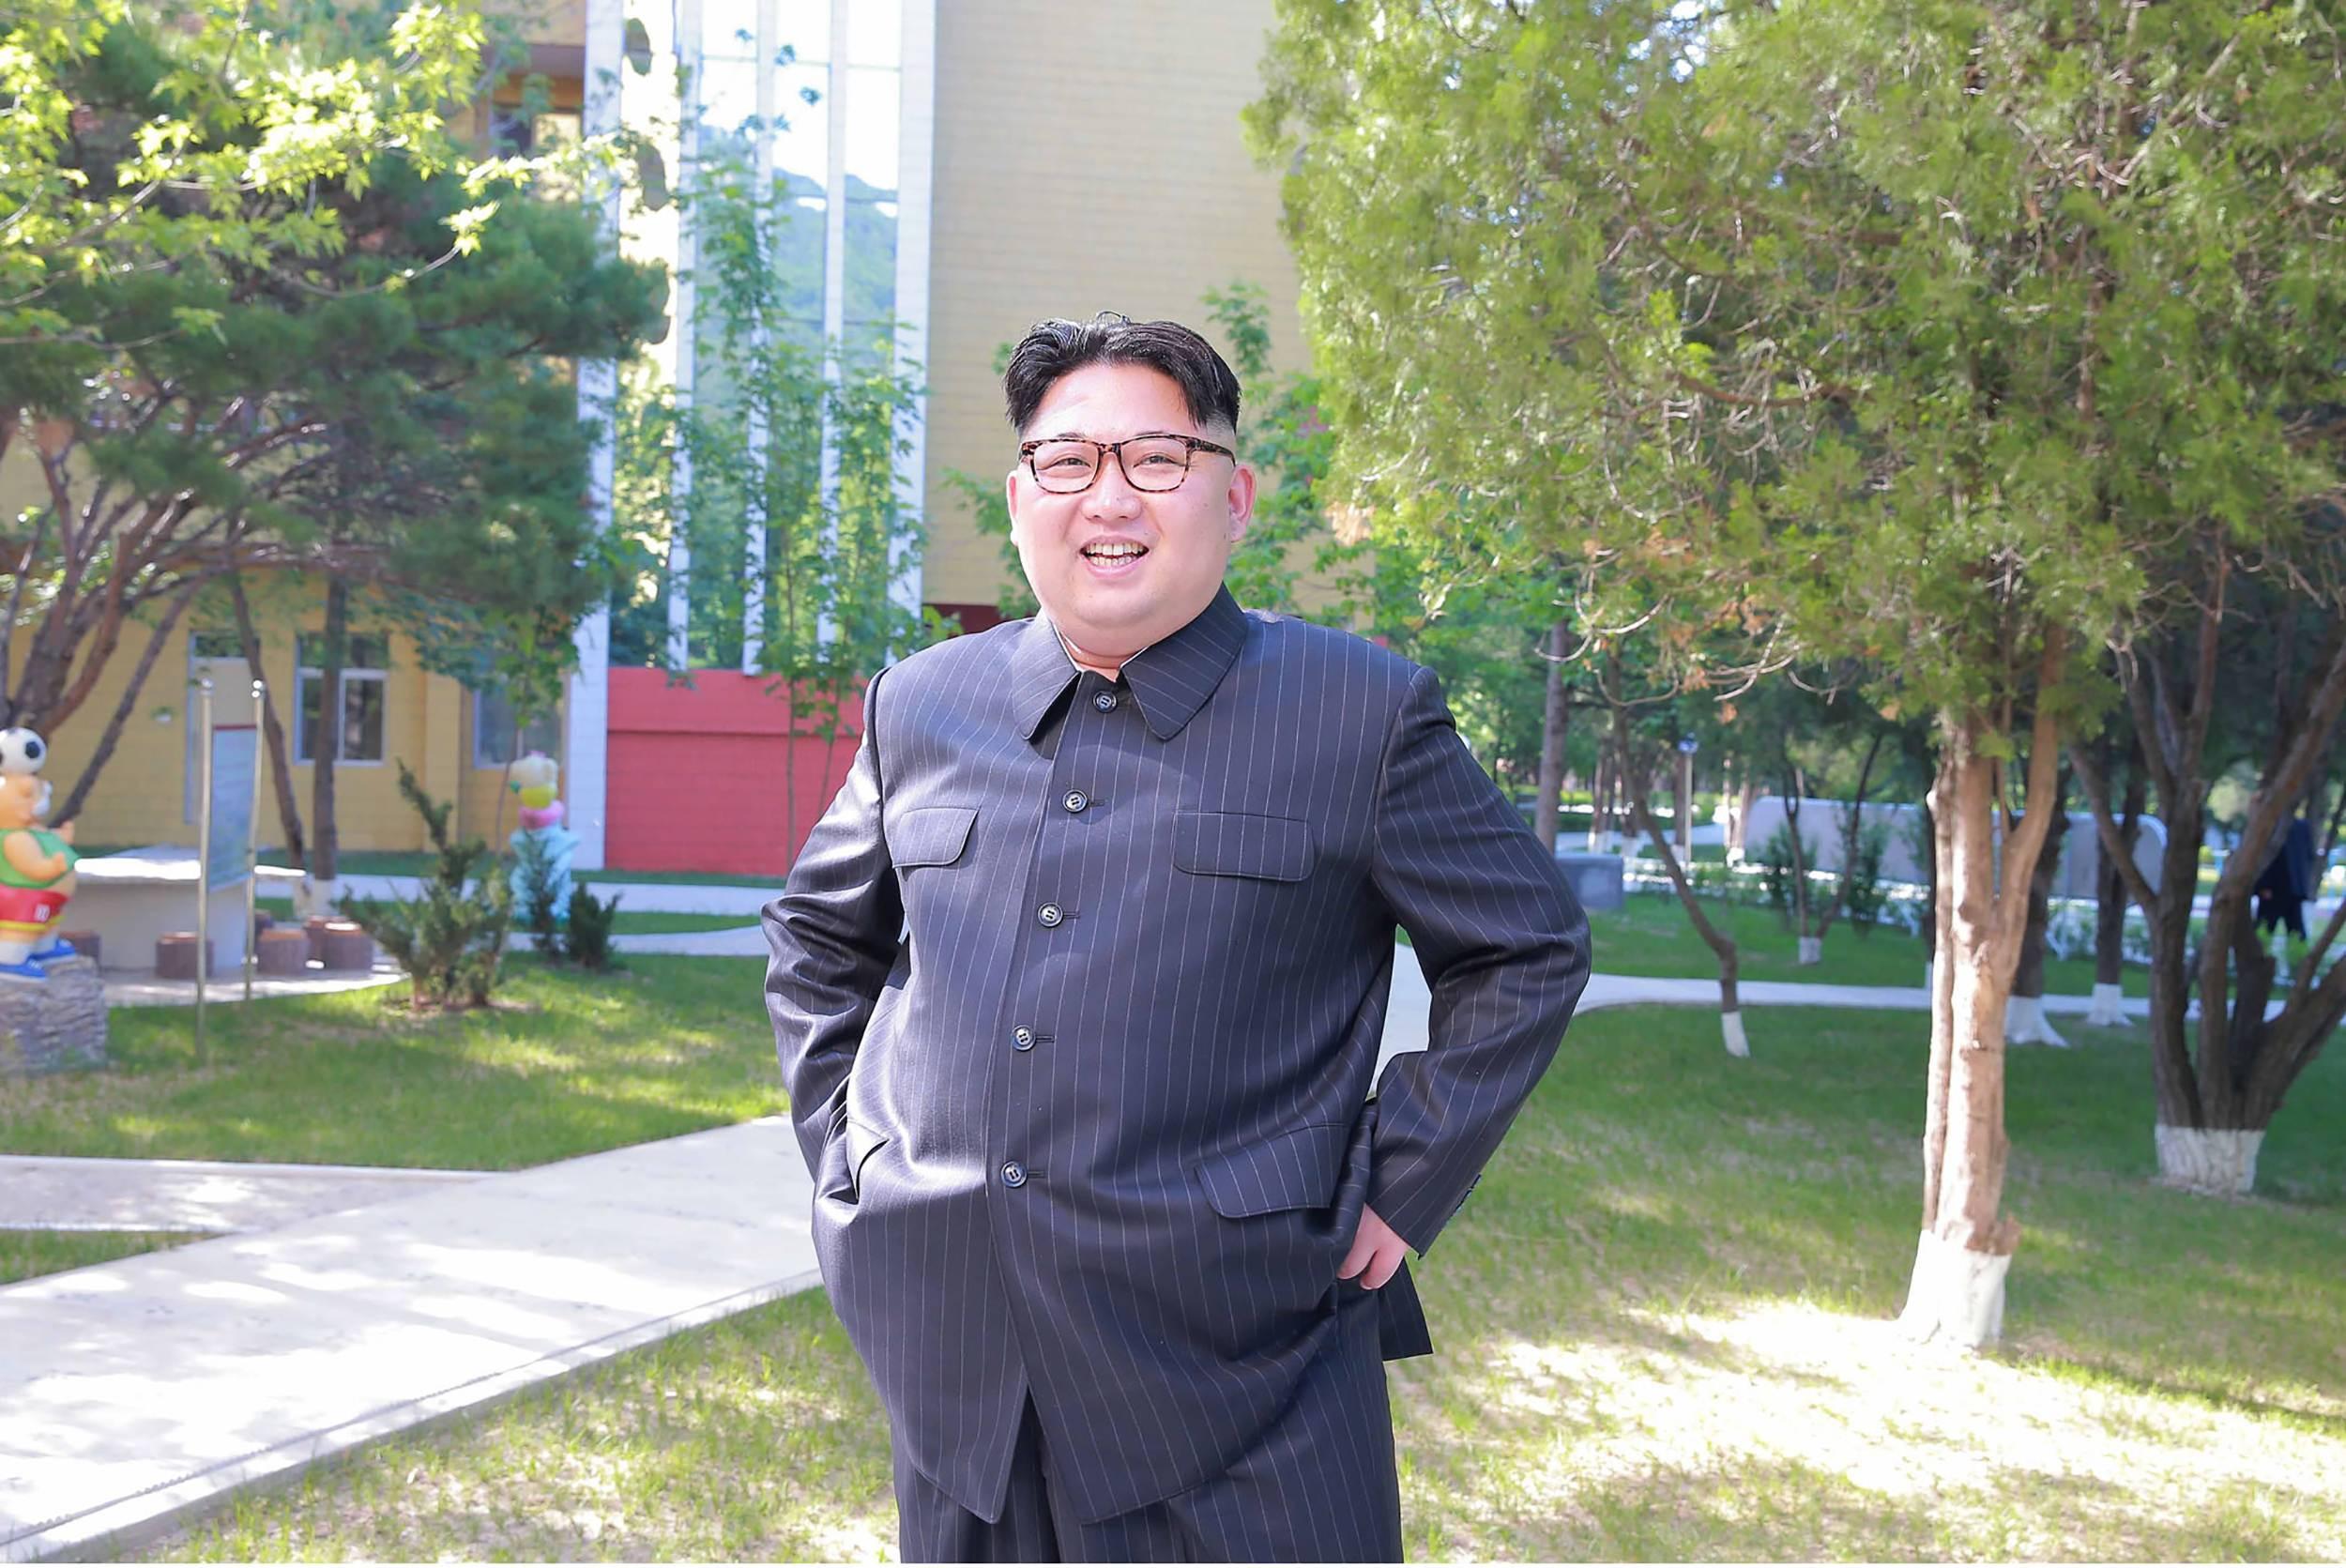 Kim Jong-un möchte auch endlich mit dem technischen Fortschritt gehen